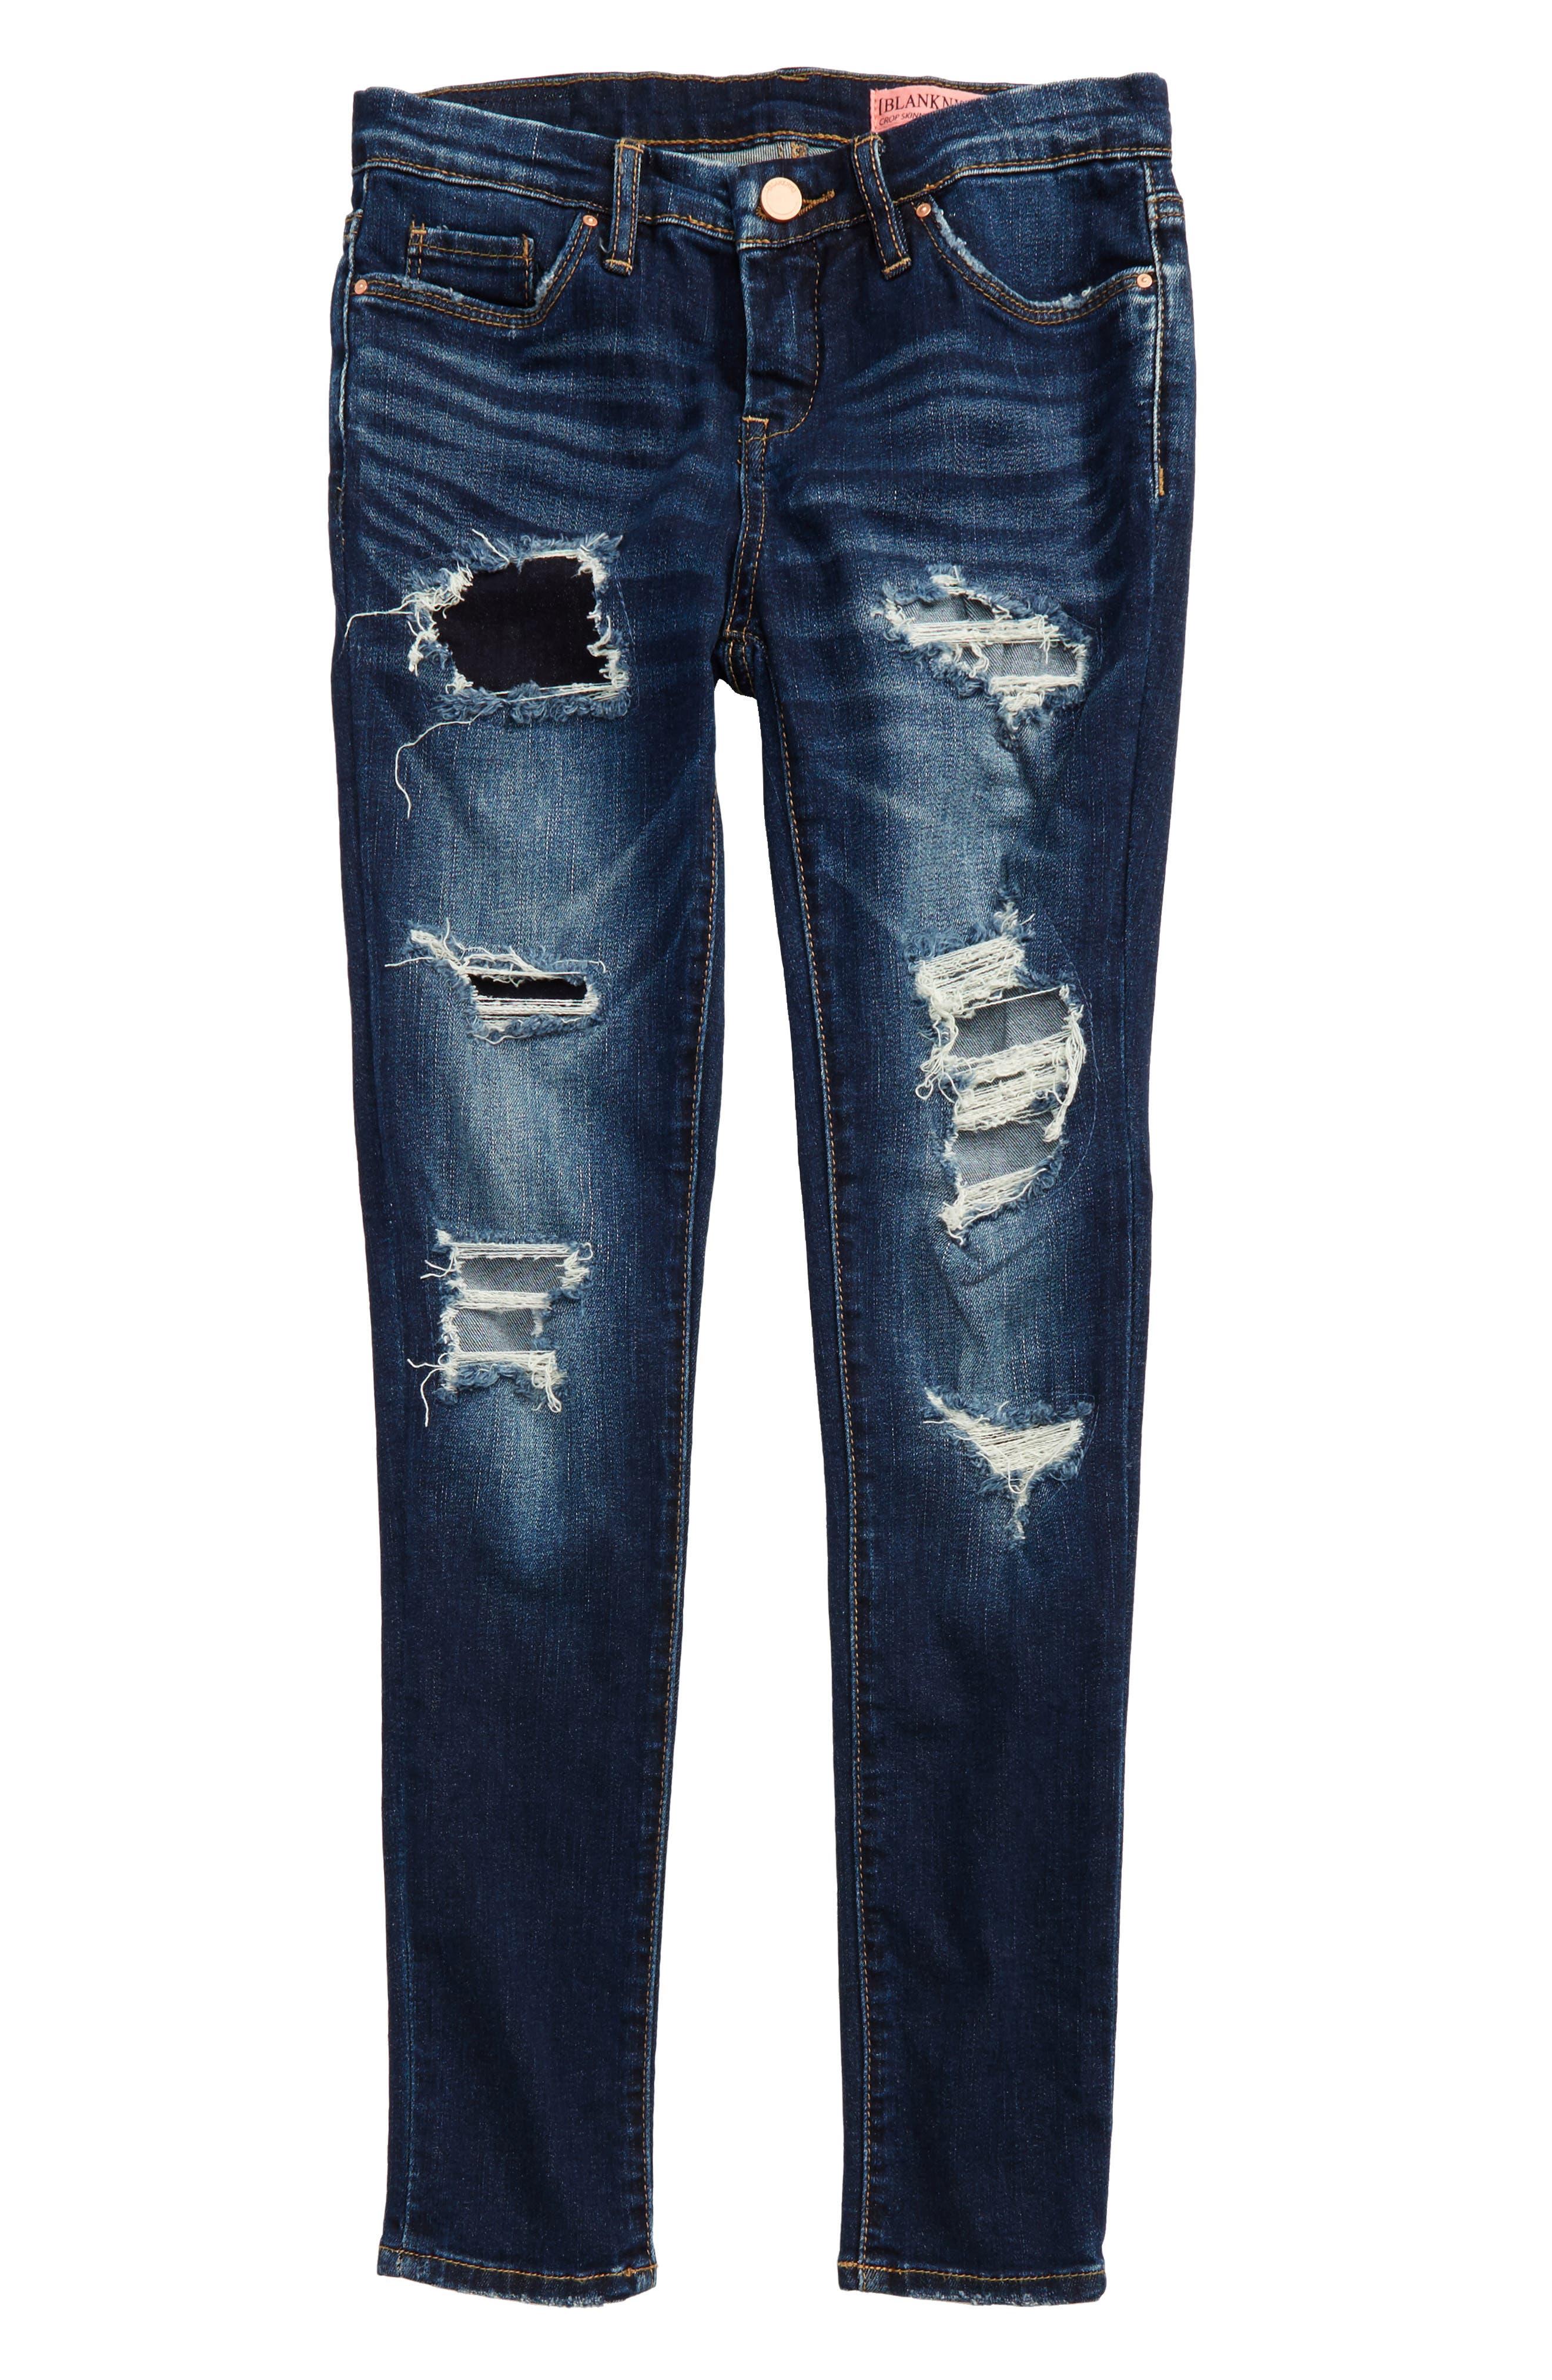 Rip & Repair Skinny Jeans,                         Main,                         color, Cult Classic Blue